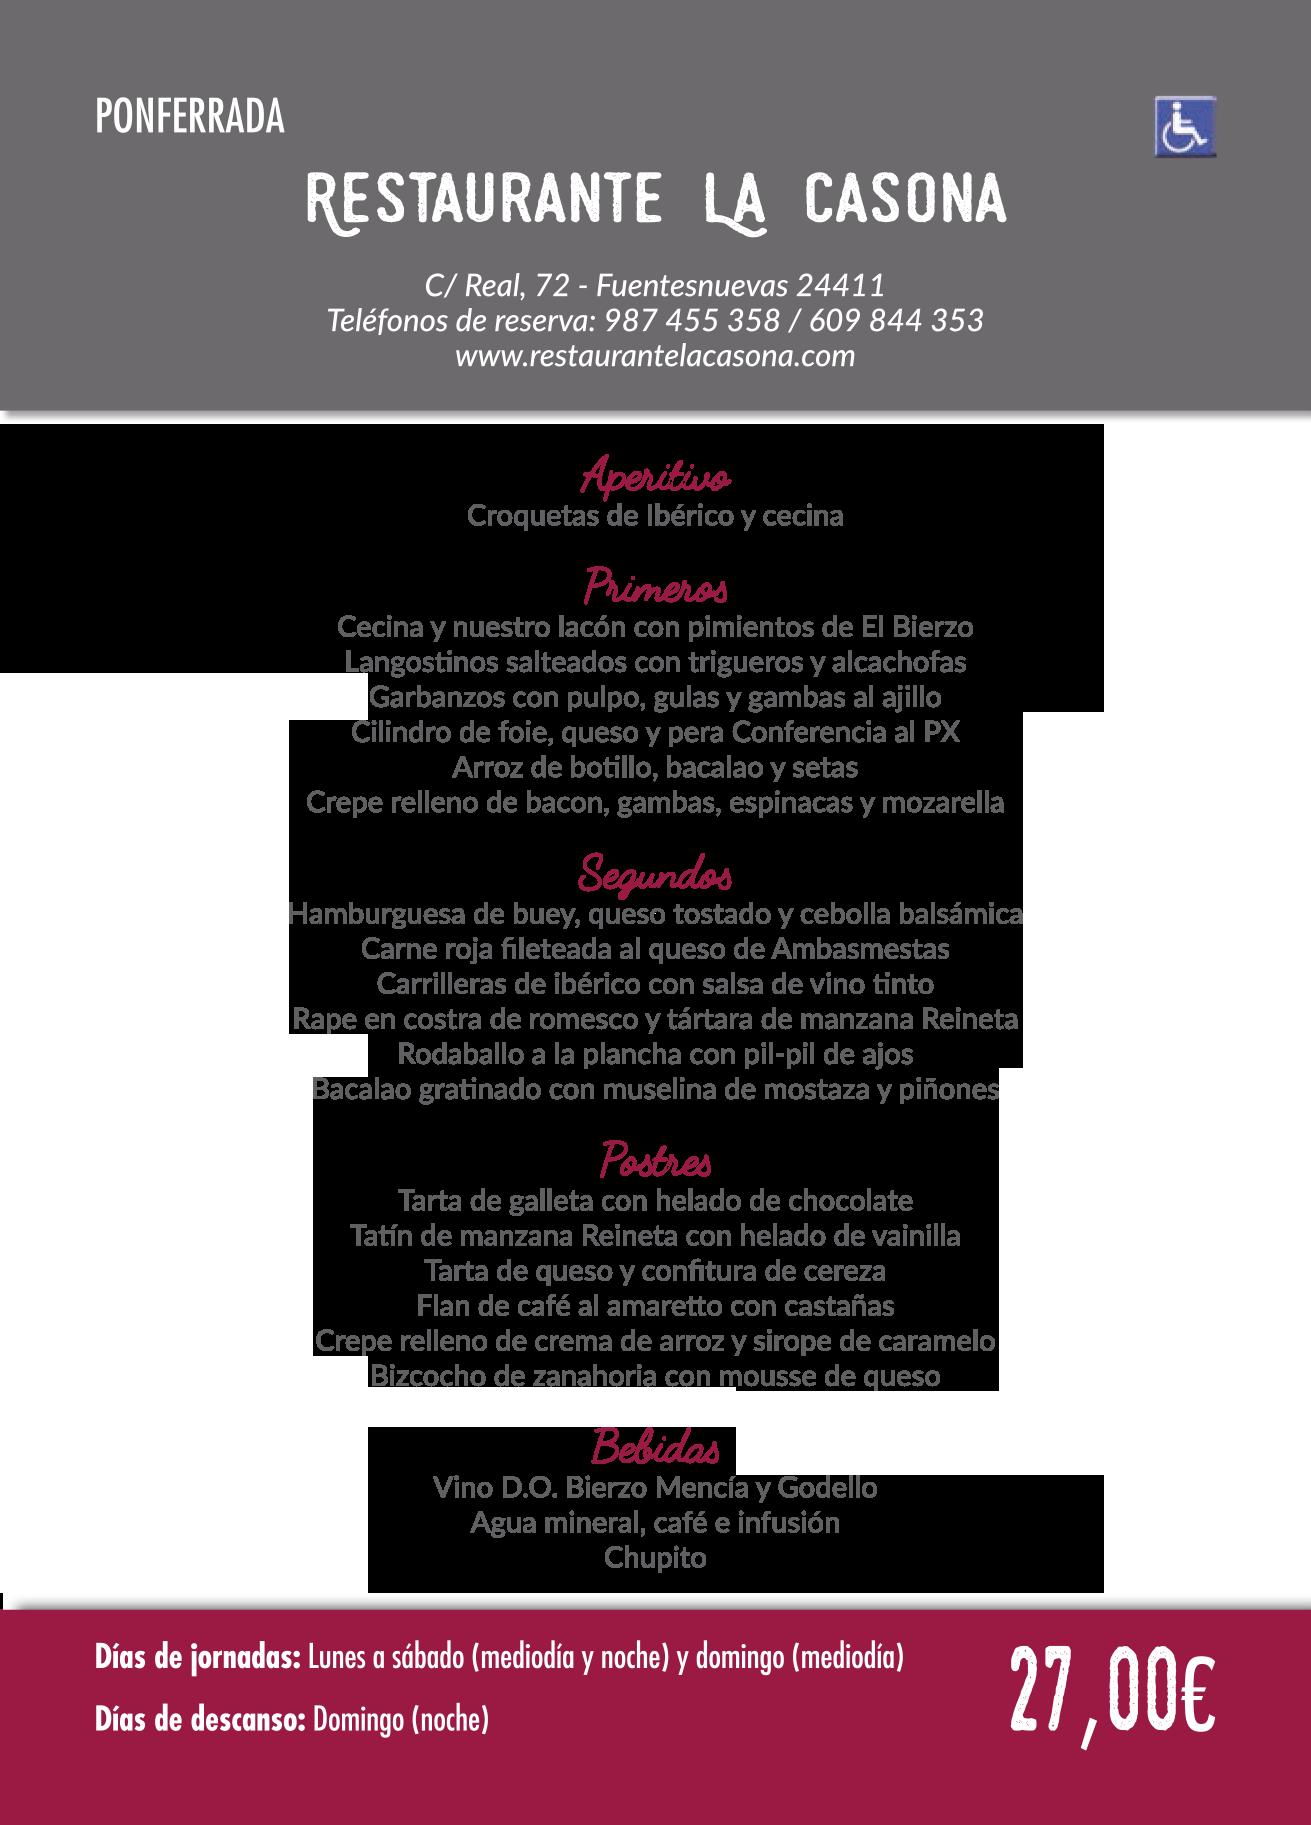 Las Jornadas Gastronómicas del Bierzo llegan a su 35 edición. Consulta los menús de esta edición 19